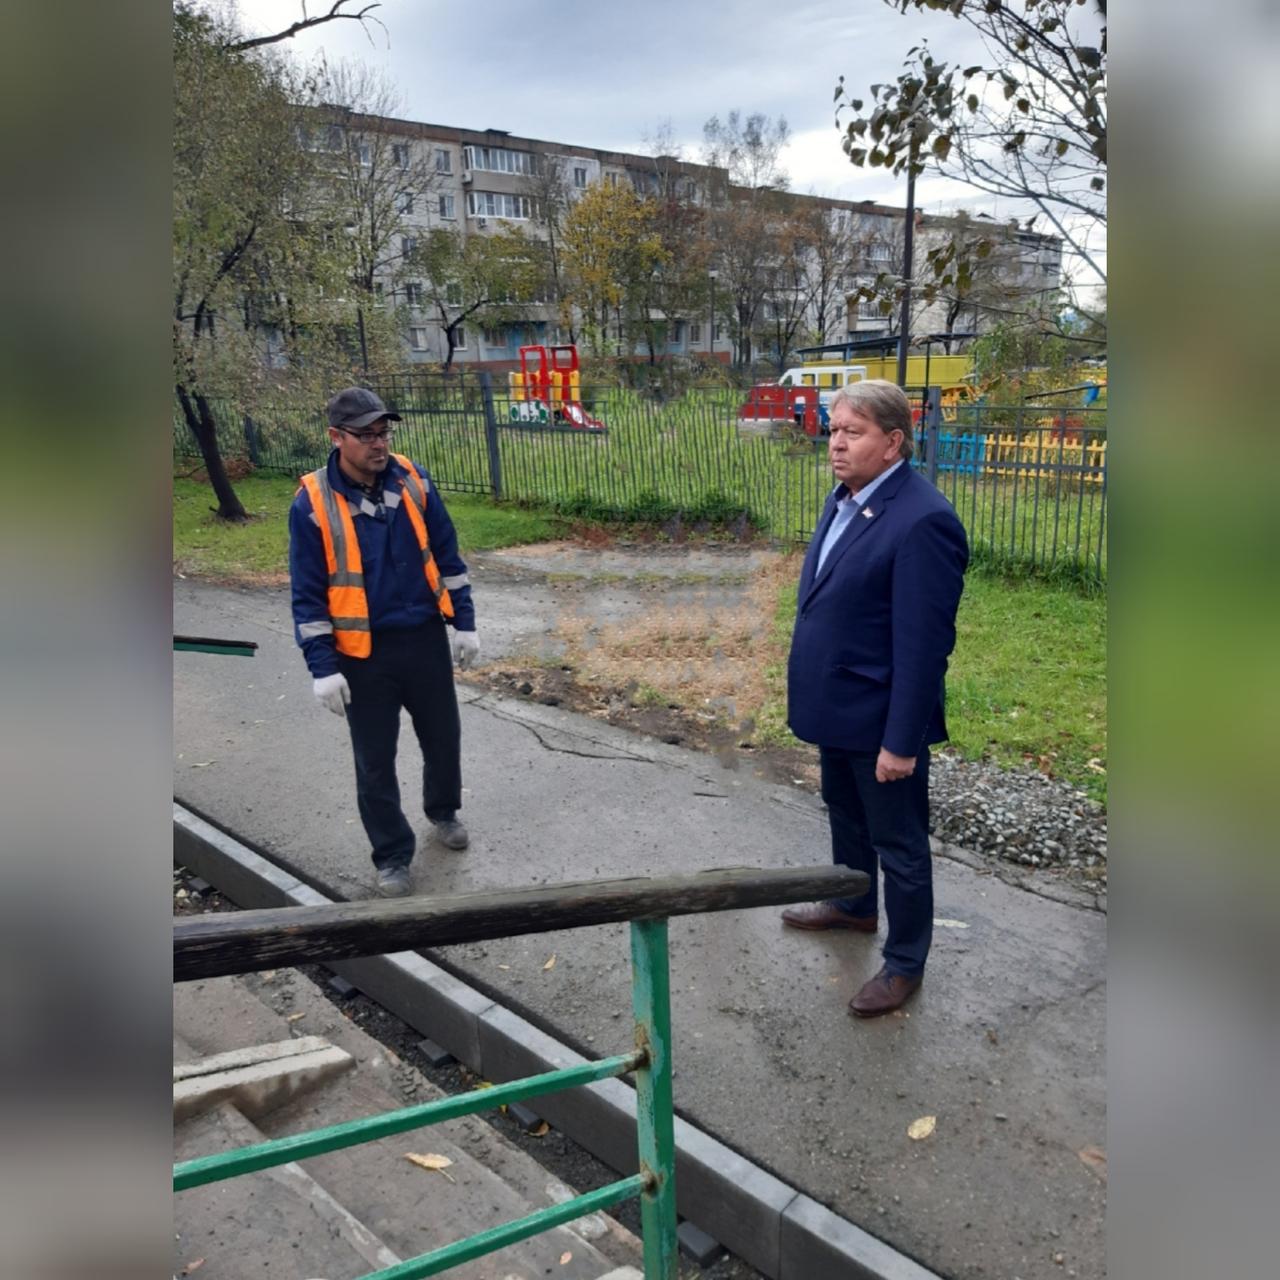 Председатель Думы Артемовского городского округа Анатолий Бадель на территории города по вопросу ремонтных работ.